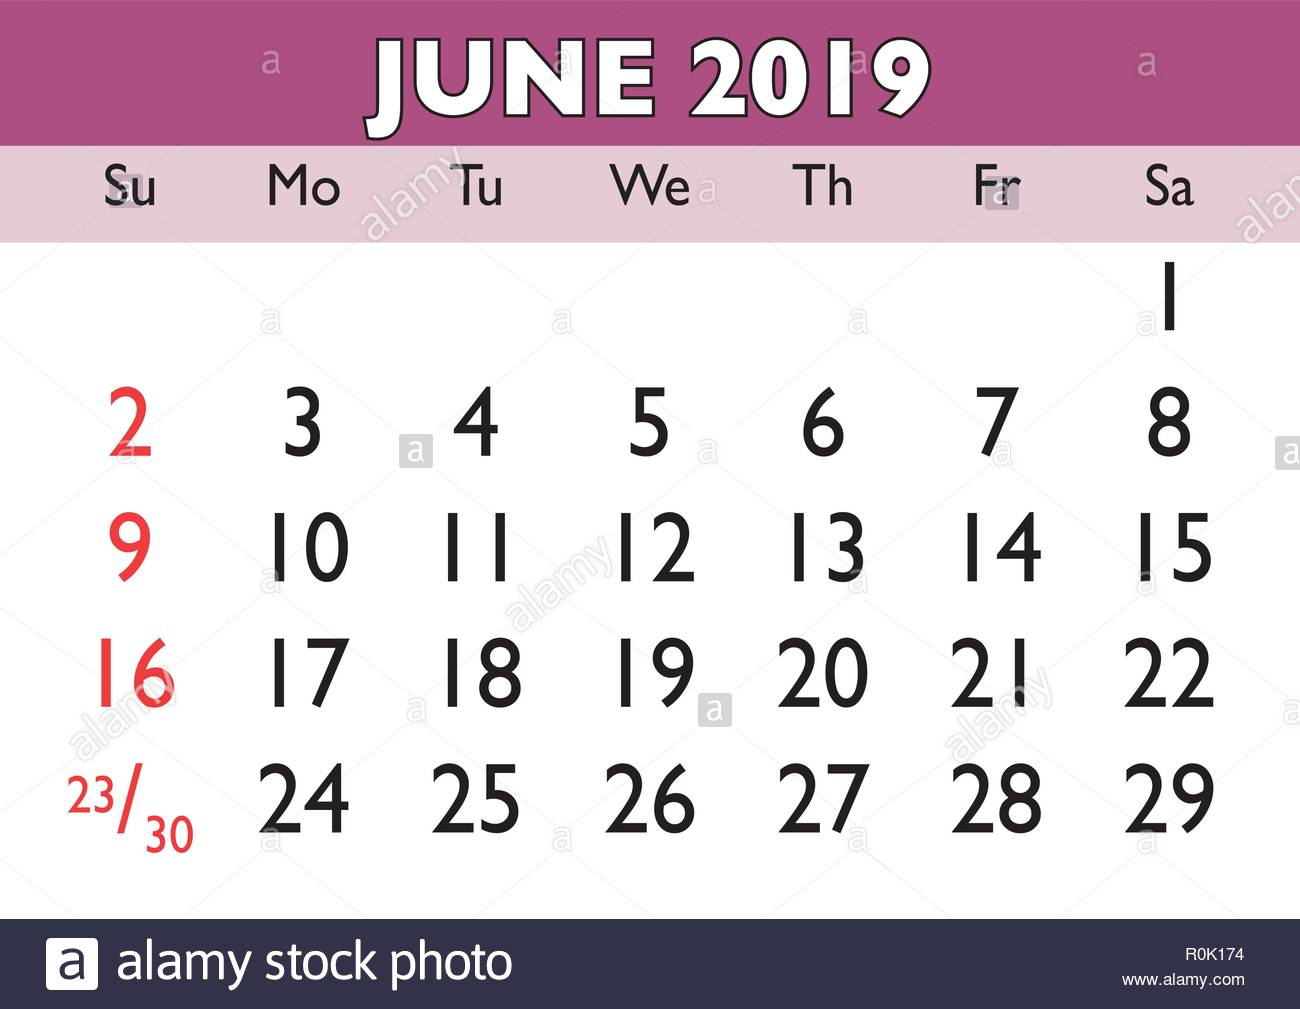 Calendario Mese Giugno.2019 Calendario Mese Di Giugno Vettore Calendario